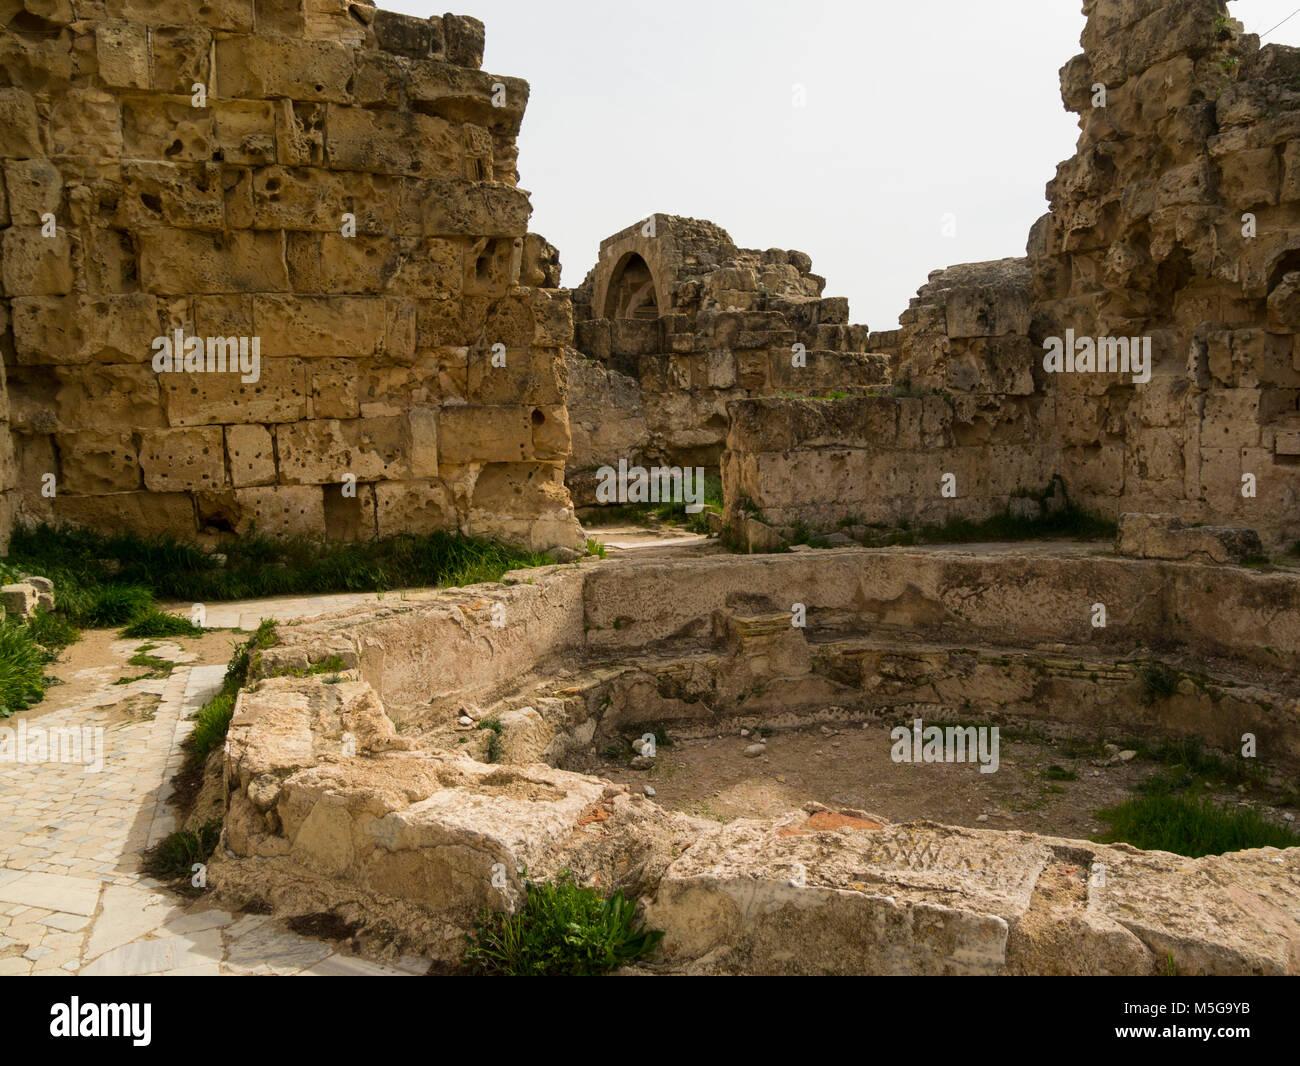 Ruines du Grand Hall de la zone des bains contenant de l'ancienne ville romaine d'excavation de Salamine Photo Stock